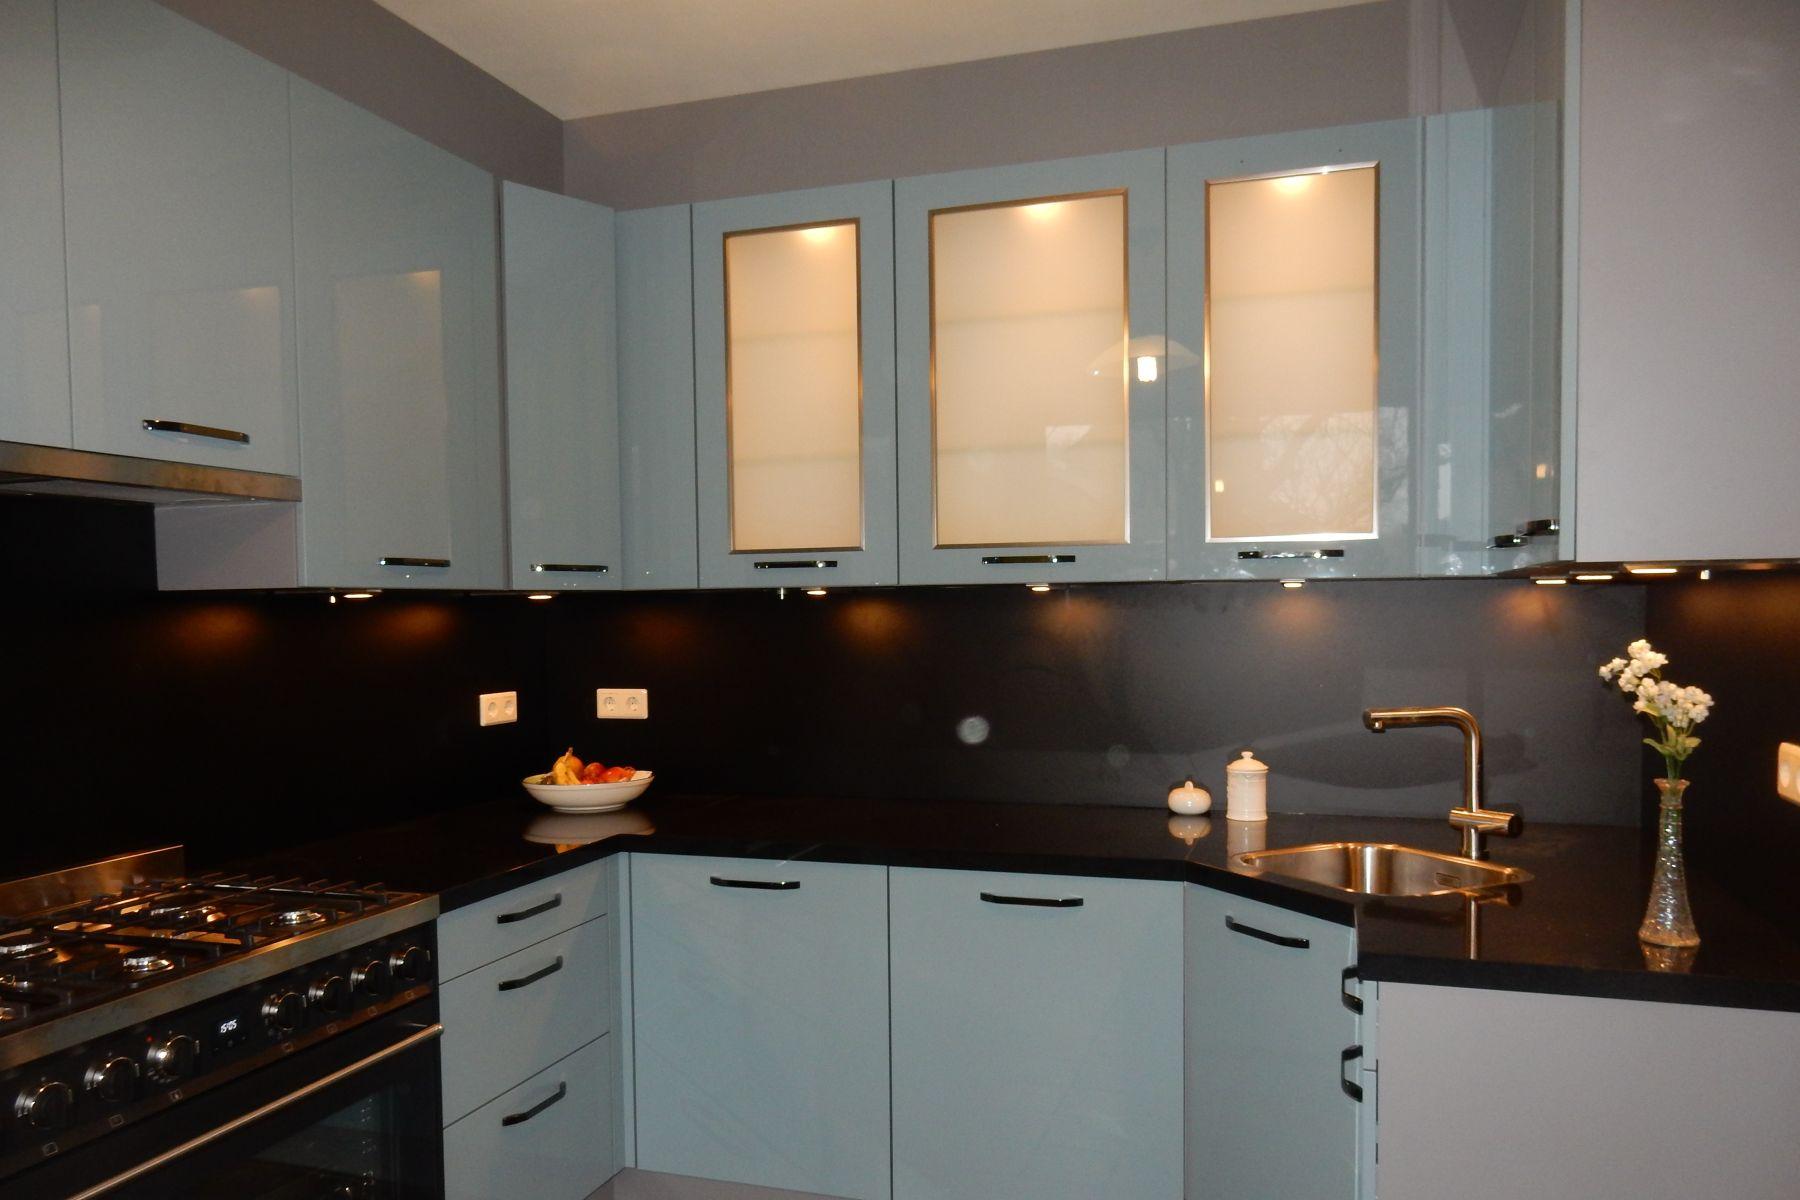 Keuken Achterwand Foto : Glazen achterwand keuken glazen wand op maat laten maken